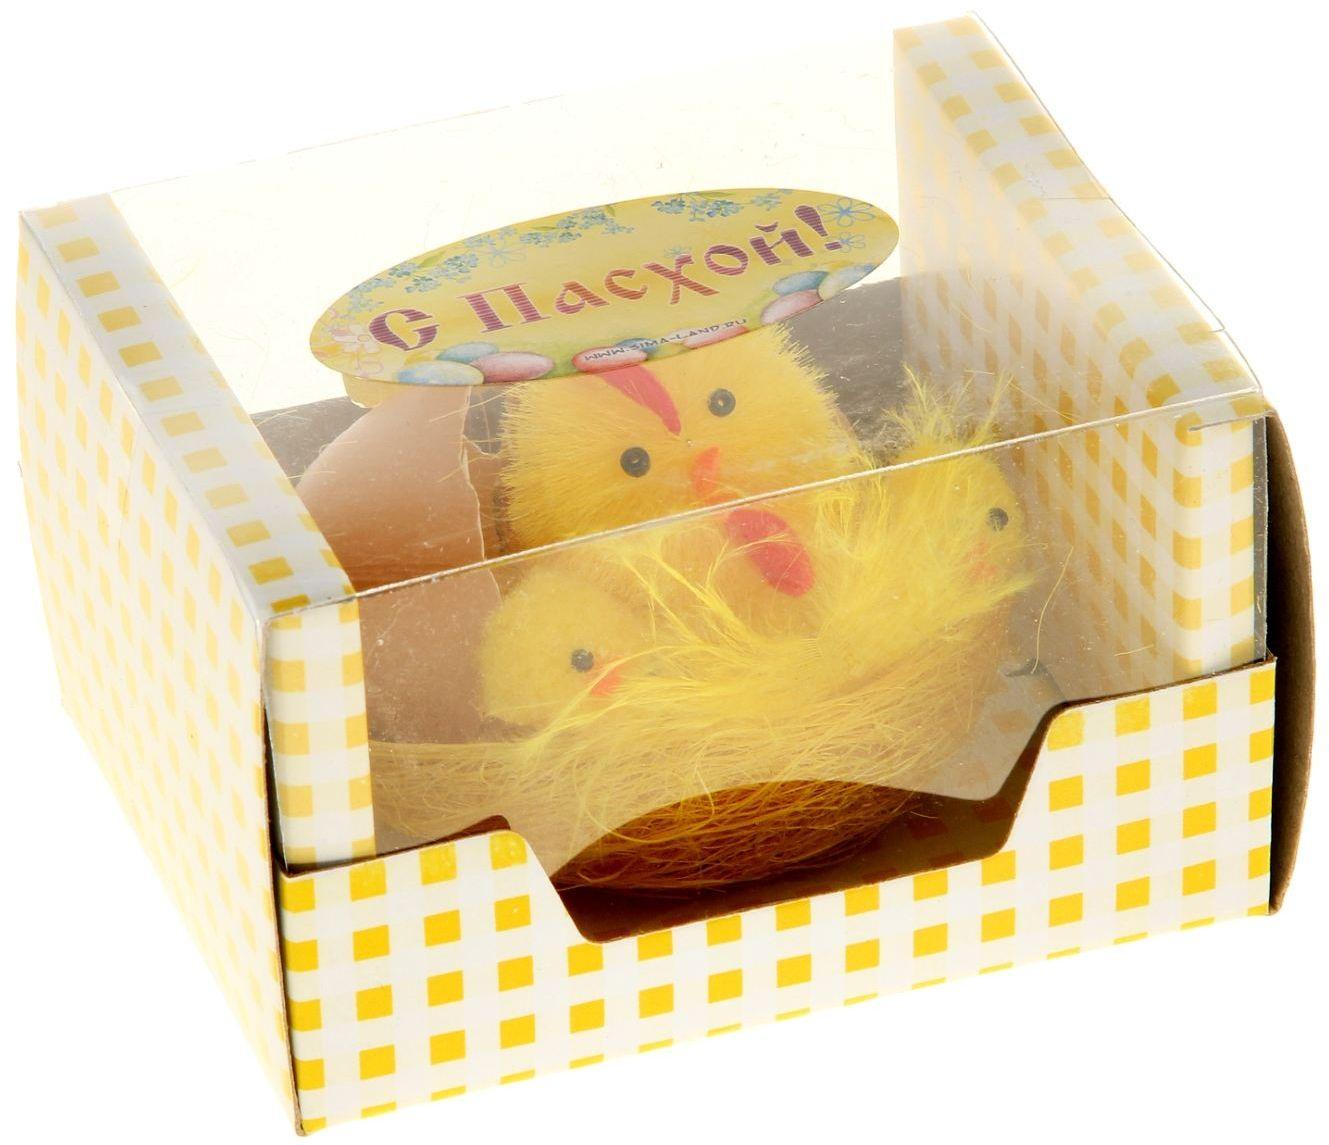 Сувенир пасхальный Sima-land Птенцы в скорлупе с бантиком992554Дарить подарки на Пасху – это такая же традиция, как красить яйца и выпекать куличи. Презенты вдвойне приятнее, если они несут в себе сакральный смысл и имеют какое-то значение.Сувенир Птенцы в скорлупе с бантиком - это символ возрождения и непрерывности жизни. С его помощью вы сможете украсить жилище, преподнести его близкому человеку или использовать при сервировке стола всю пасхальную неделю. Кроме того, пасхальные цыплята нравятся маленьким деткам.